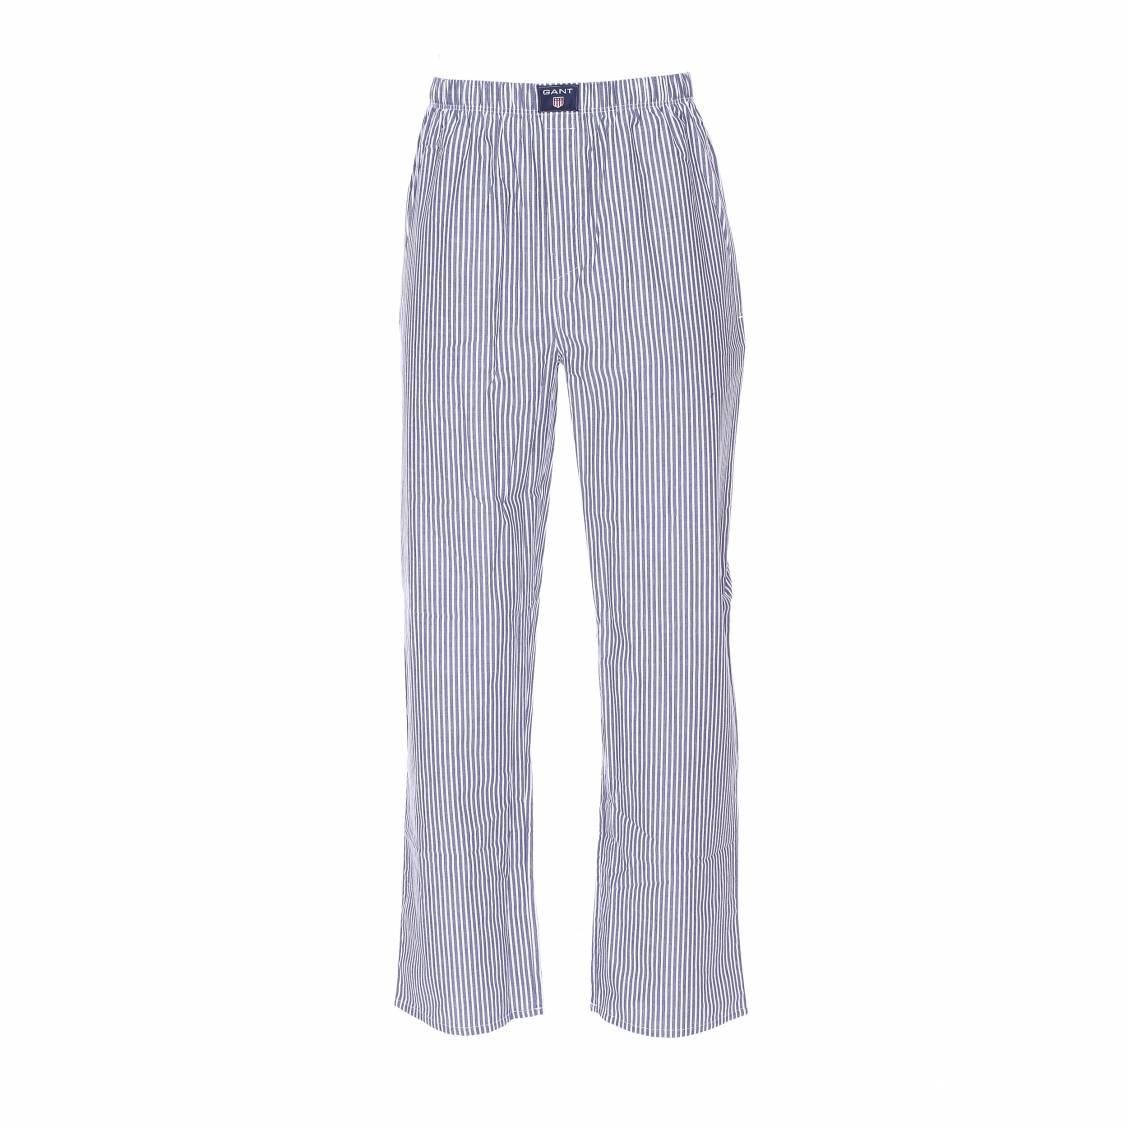 pantalon d 39 int rieur gant en coton rayures bleues et blanches rue des hommes. Black Bedroom Furniture Sets. Home Design Ideas